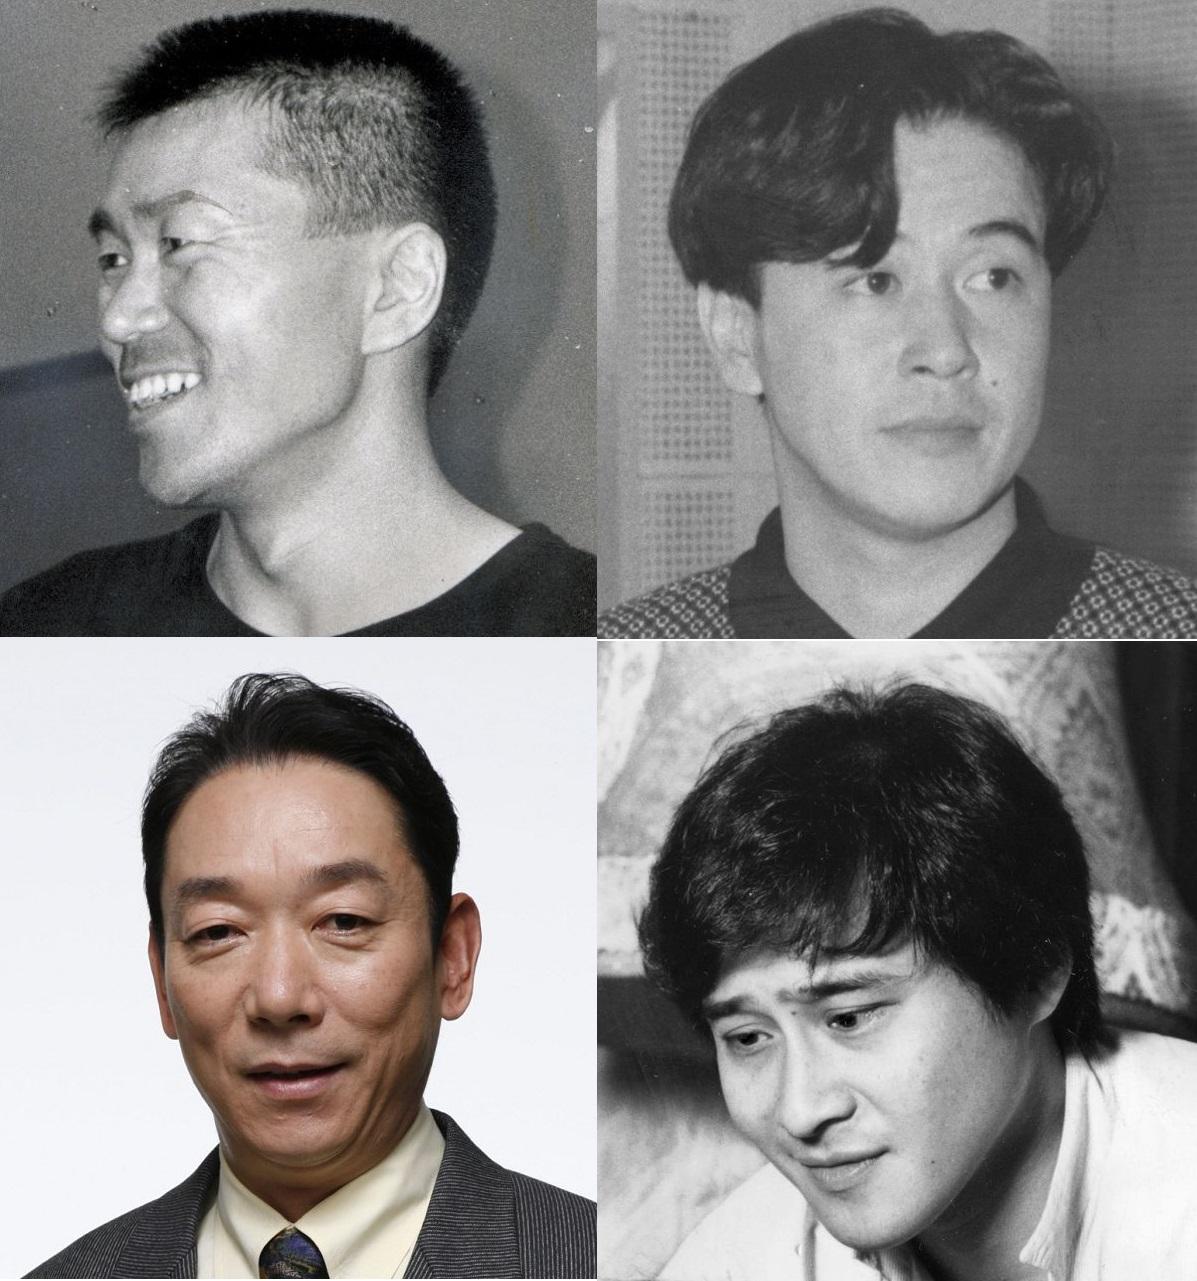 写真・図版 : 平田満(1988年撮影、左上)、風間杜夫(87年撮影、右上)、石丸謙二郎(2006年撮影、左下)、萩原流行(85年撮影、右下)